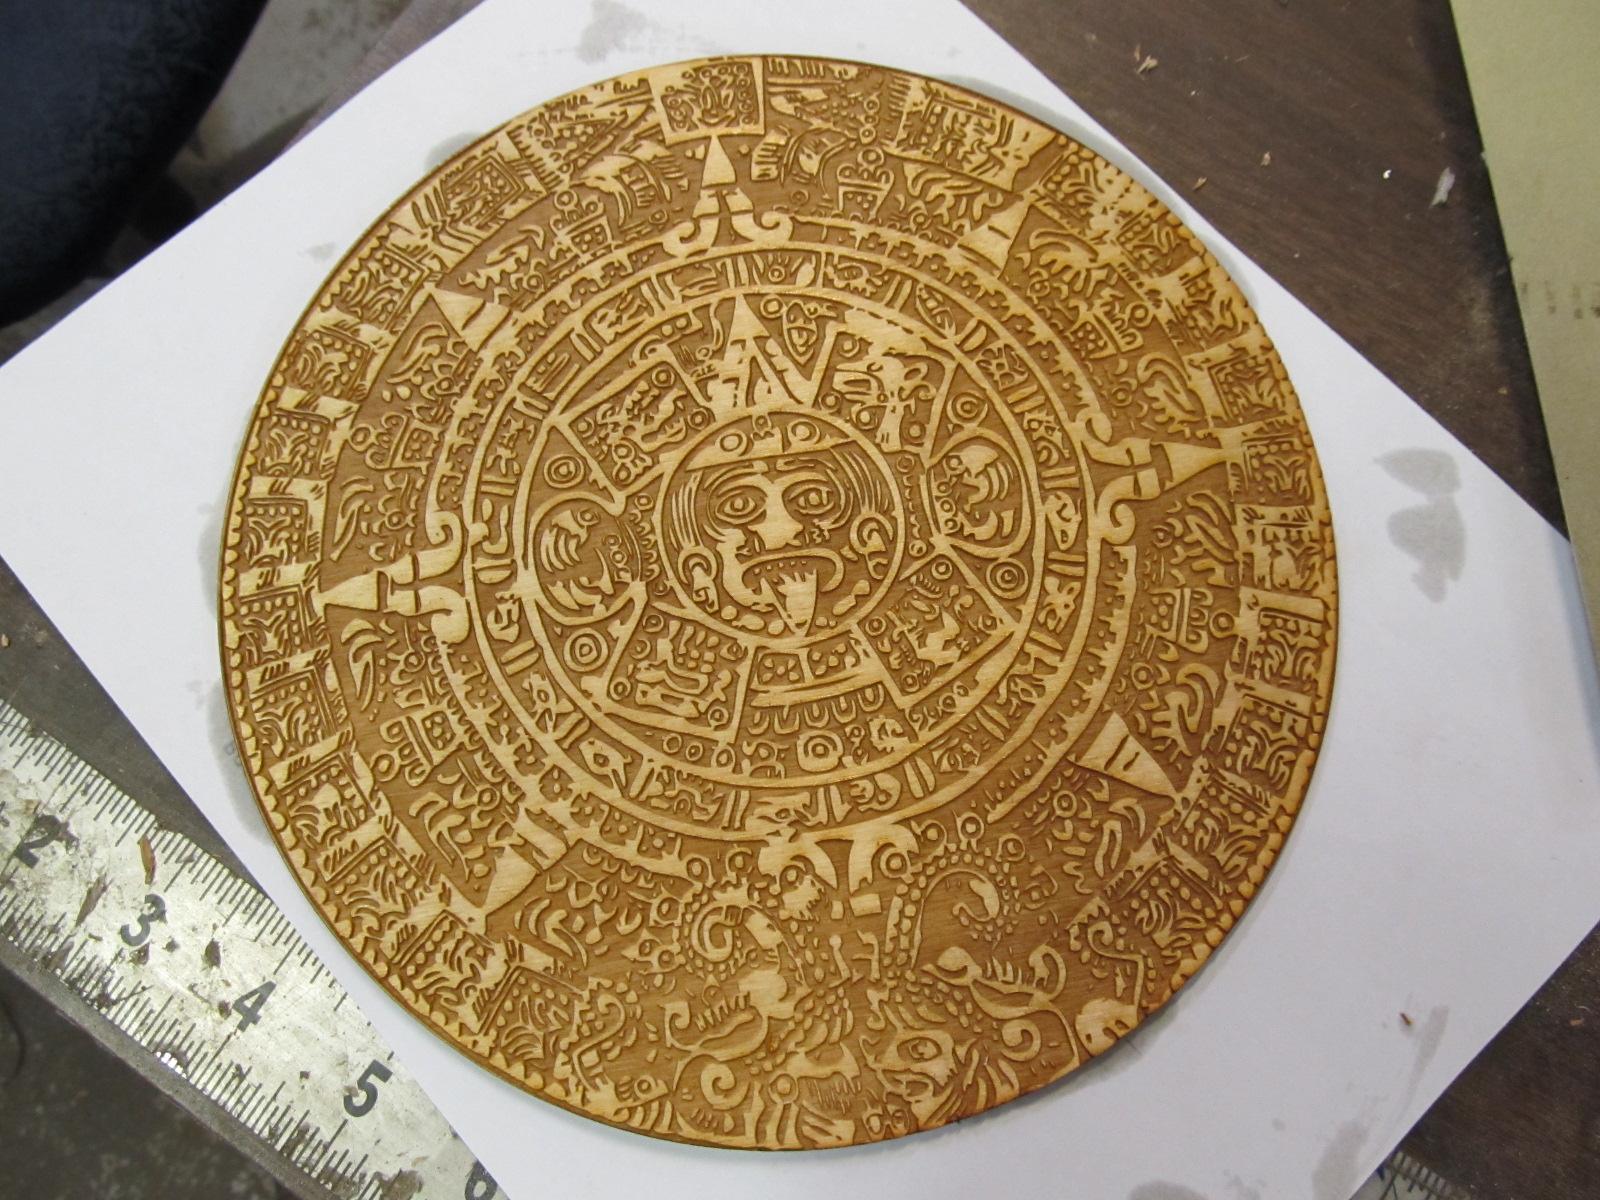 A laser cut image of the Aztec Sun Calendar